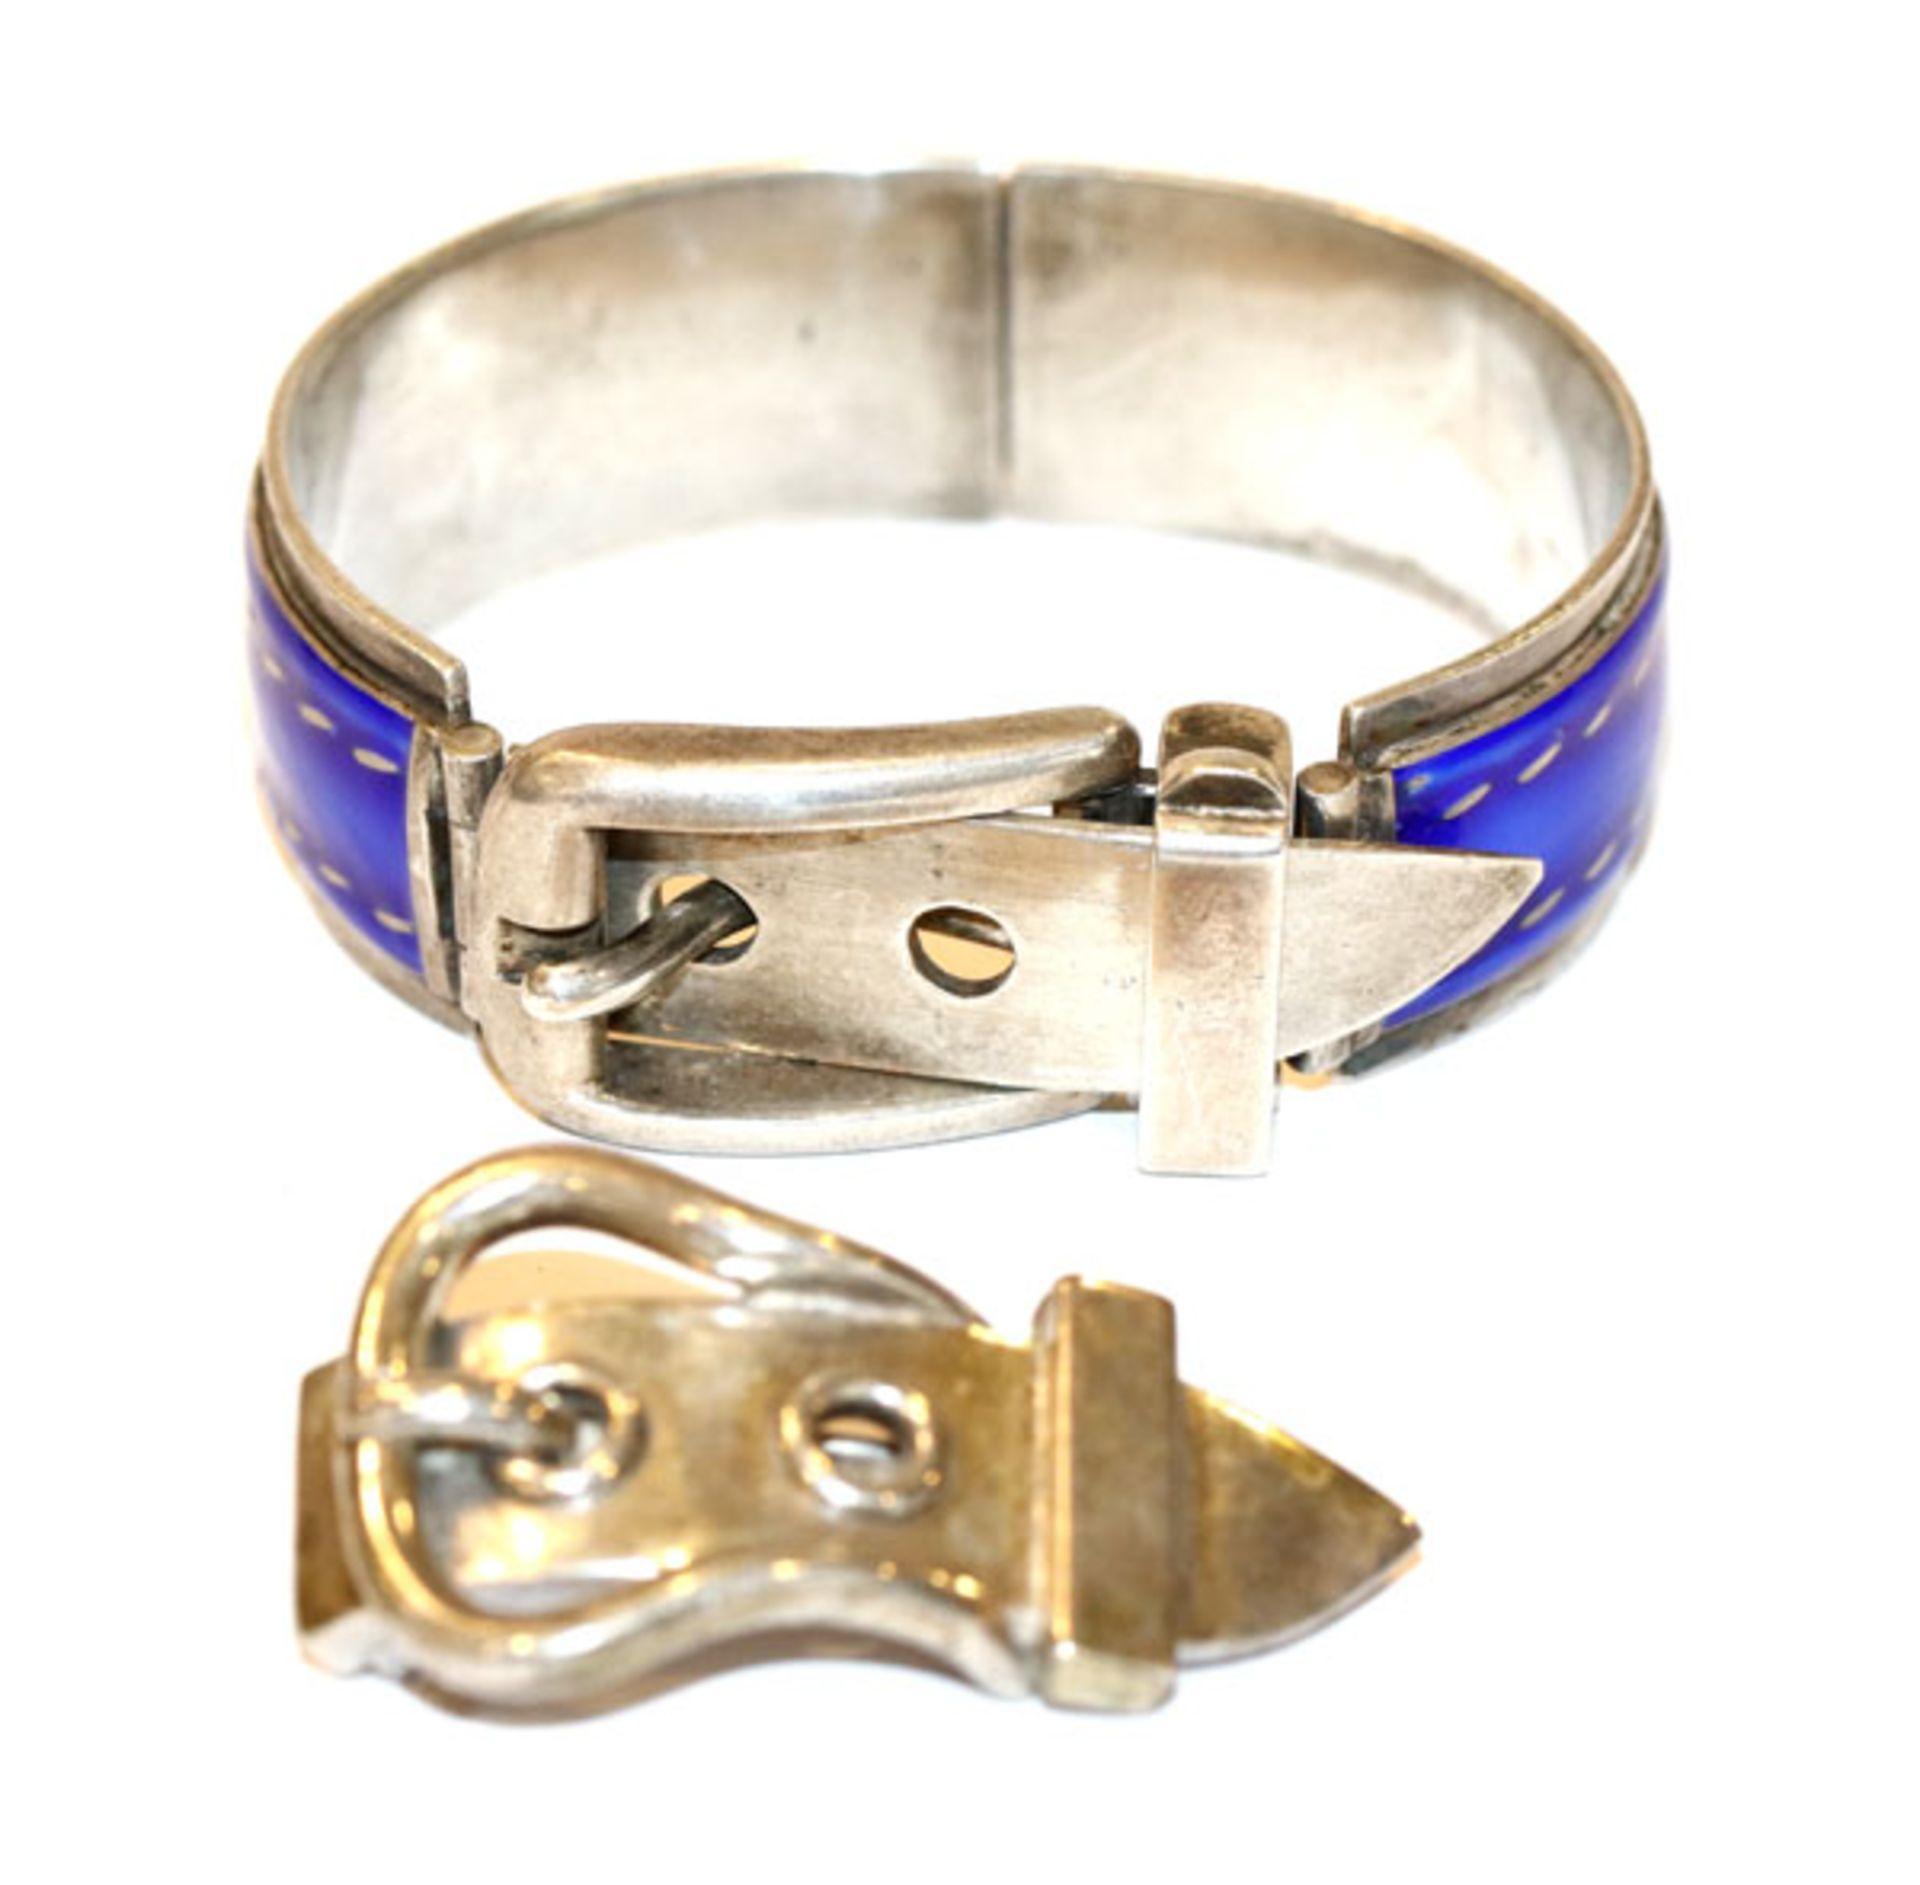 Gucci Silber Armreif mit Schließe und blauem Email, bestossen, D 5,5 cm, und Hermes Silber Brosche